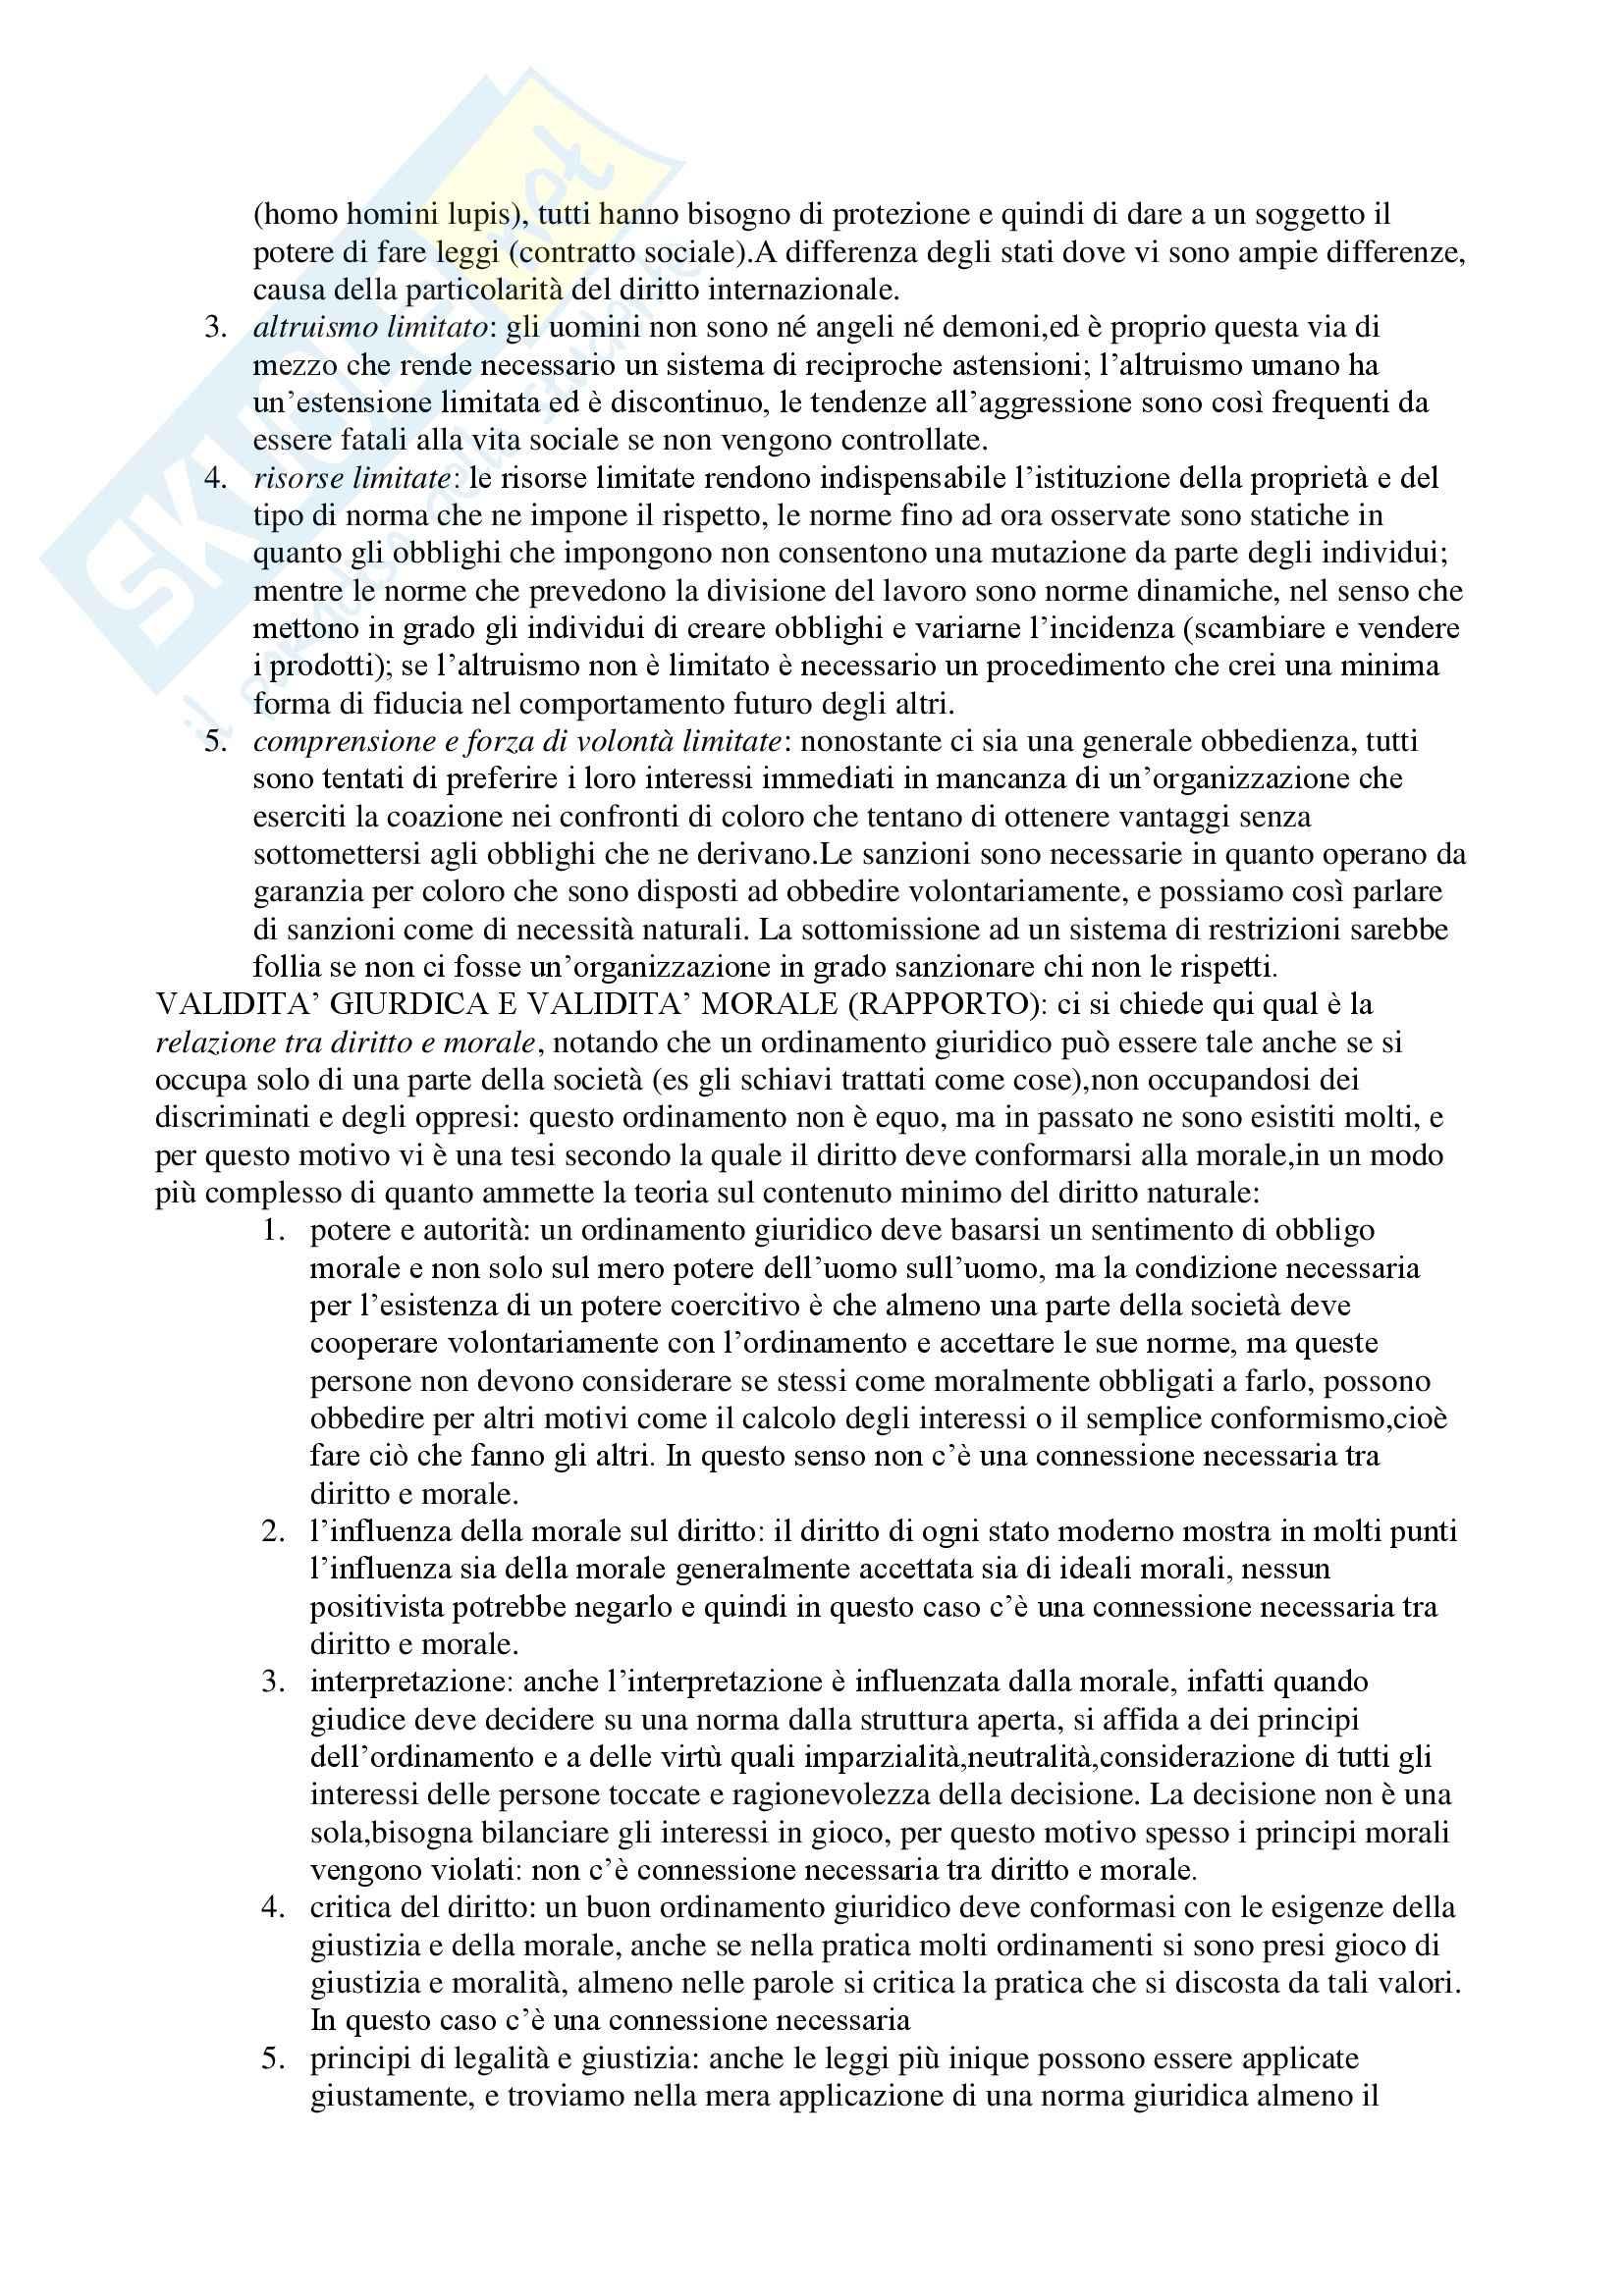 Teoria generale del diritto - Appunti Pag. 16